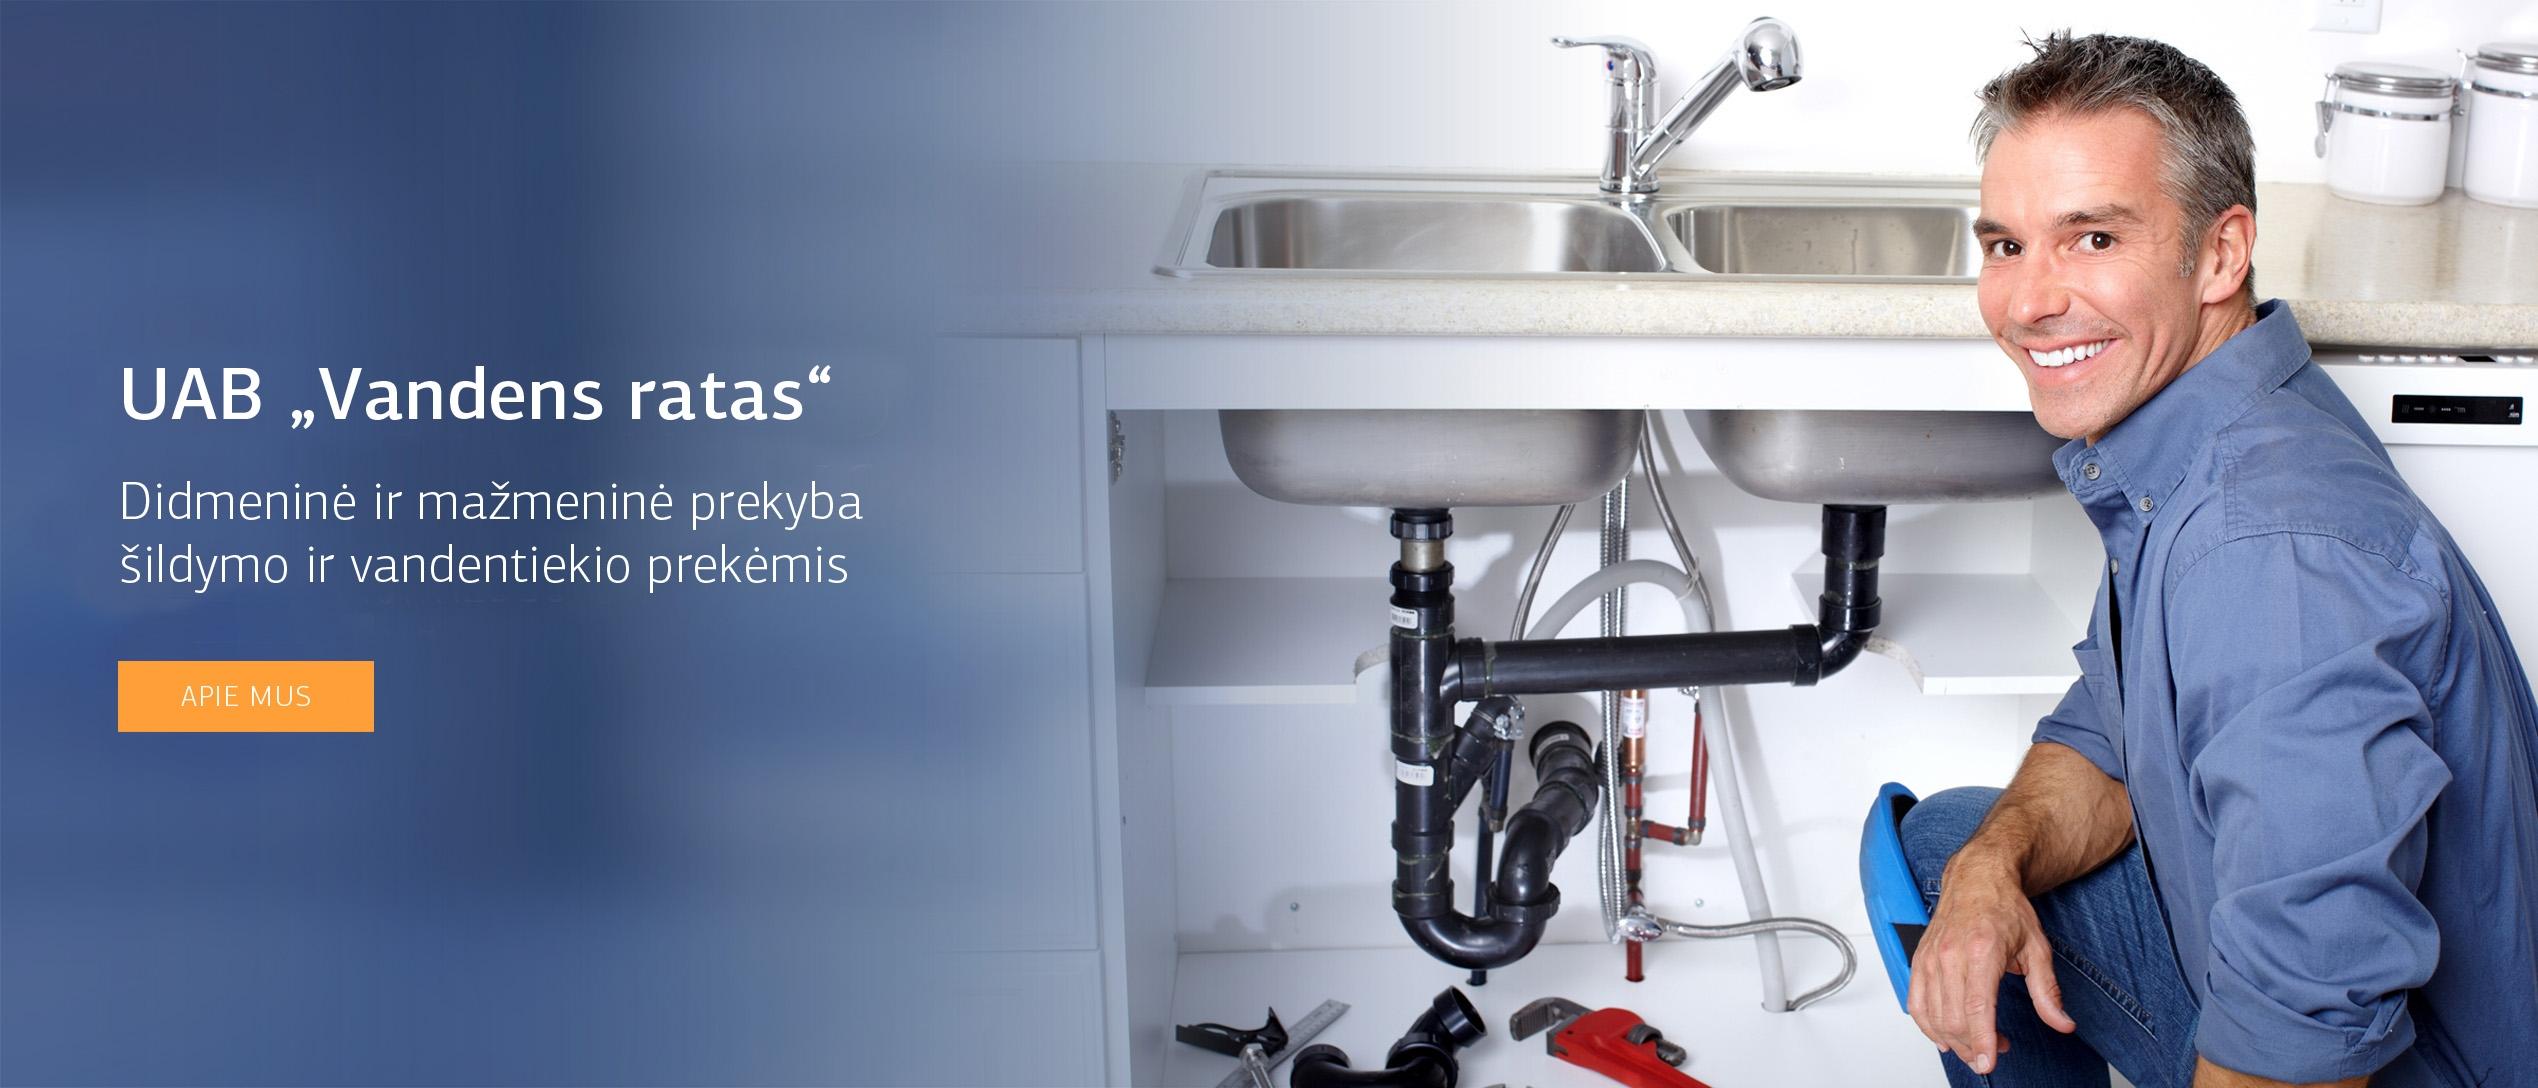 Šildymas, vandentiekis, santechnika